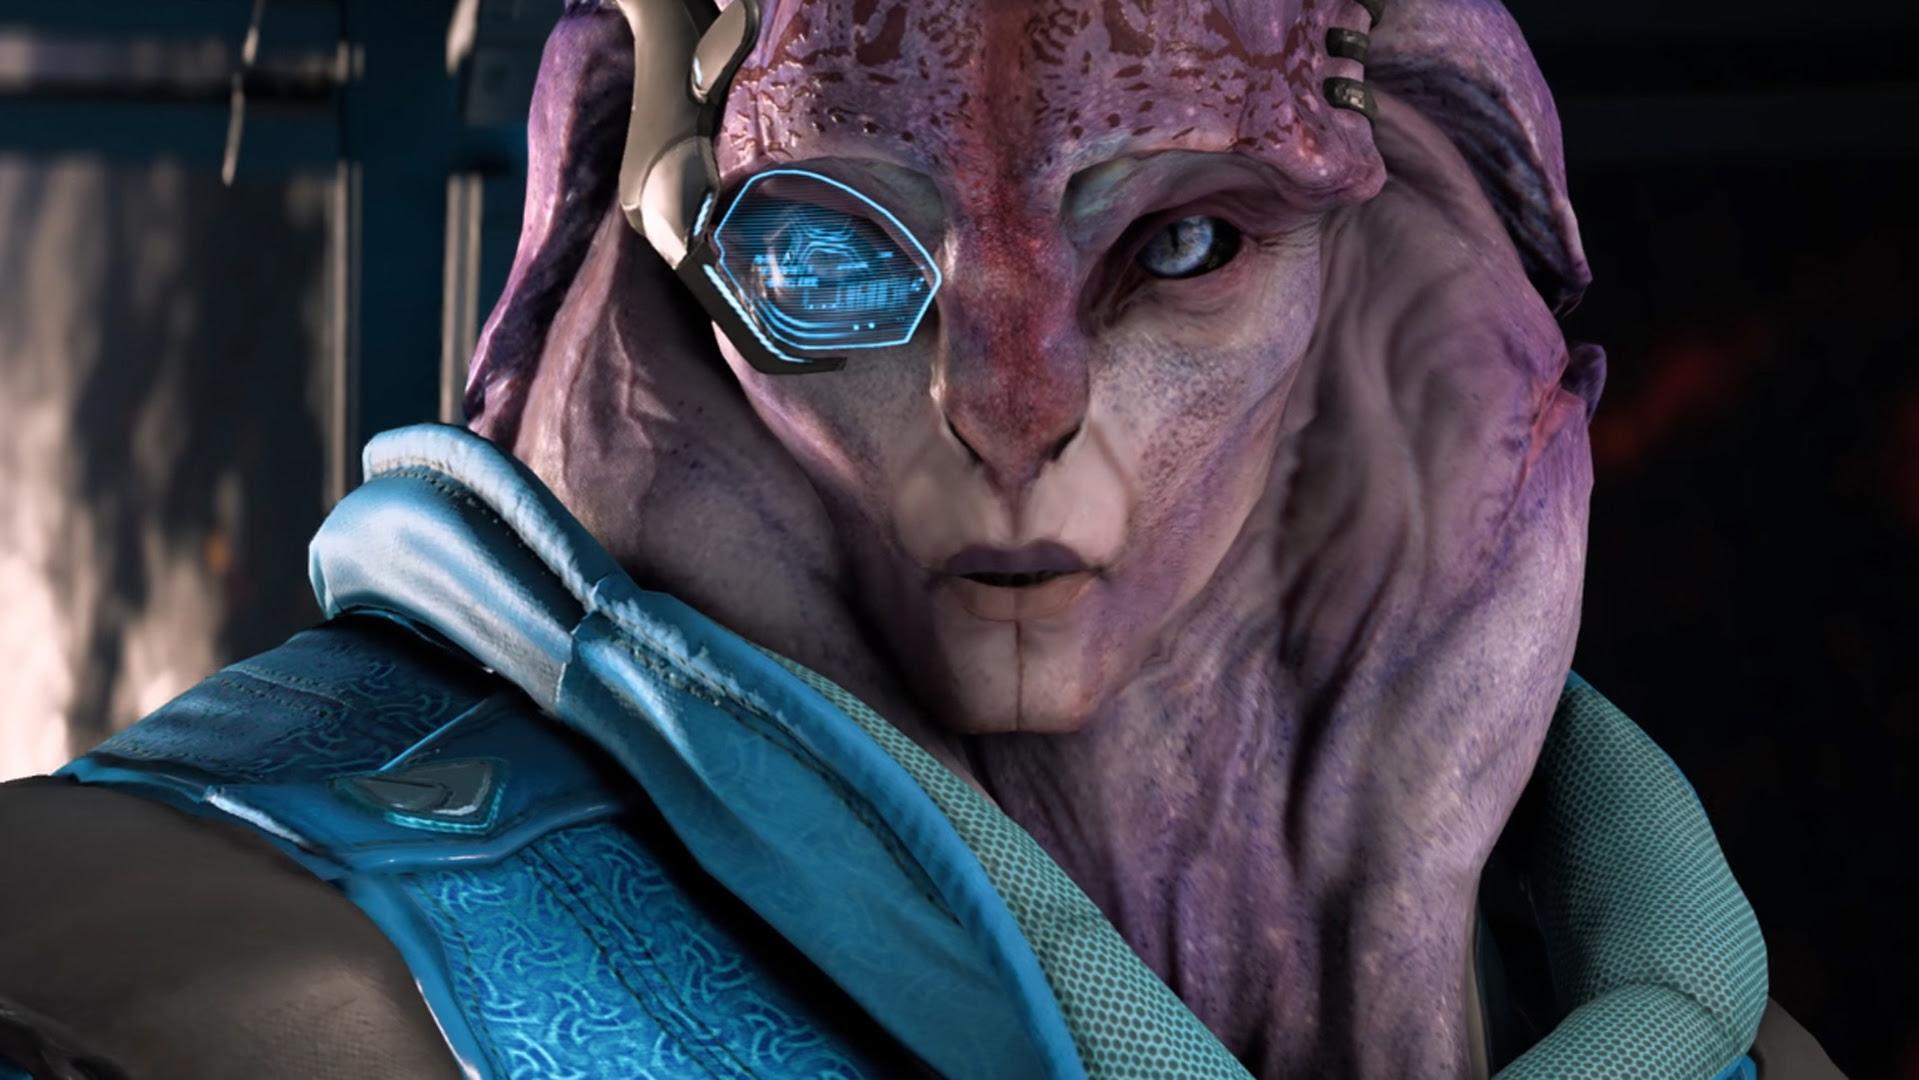 Mass Effect: Andromeda update gives Scott Ryder another romance option screenshot